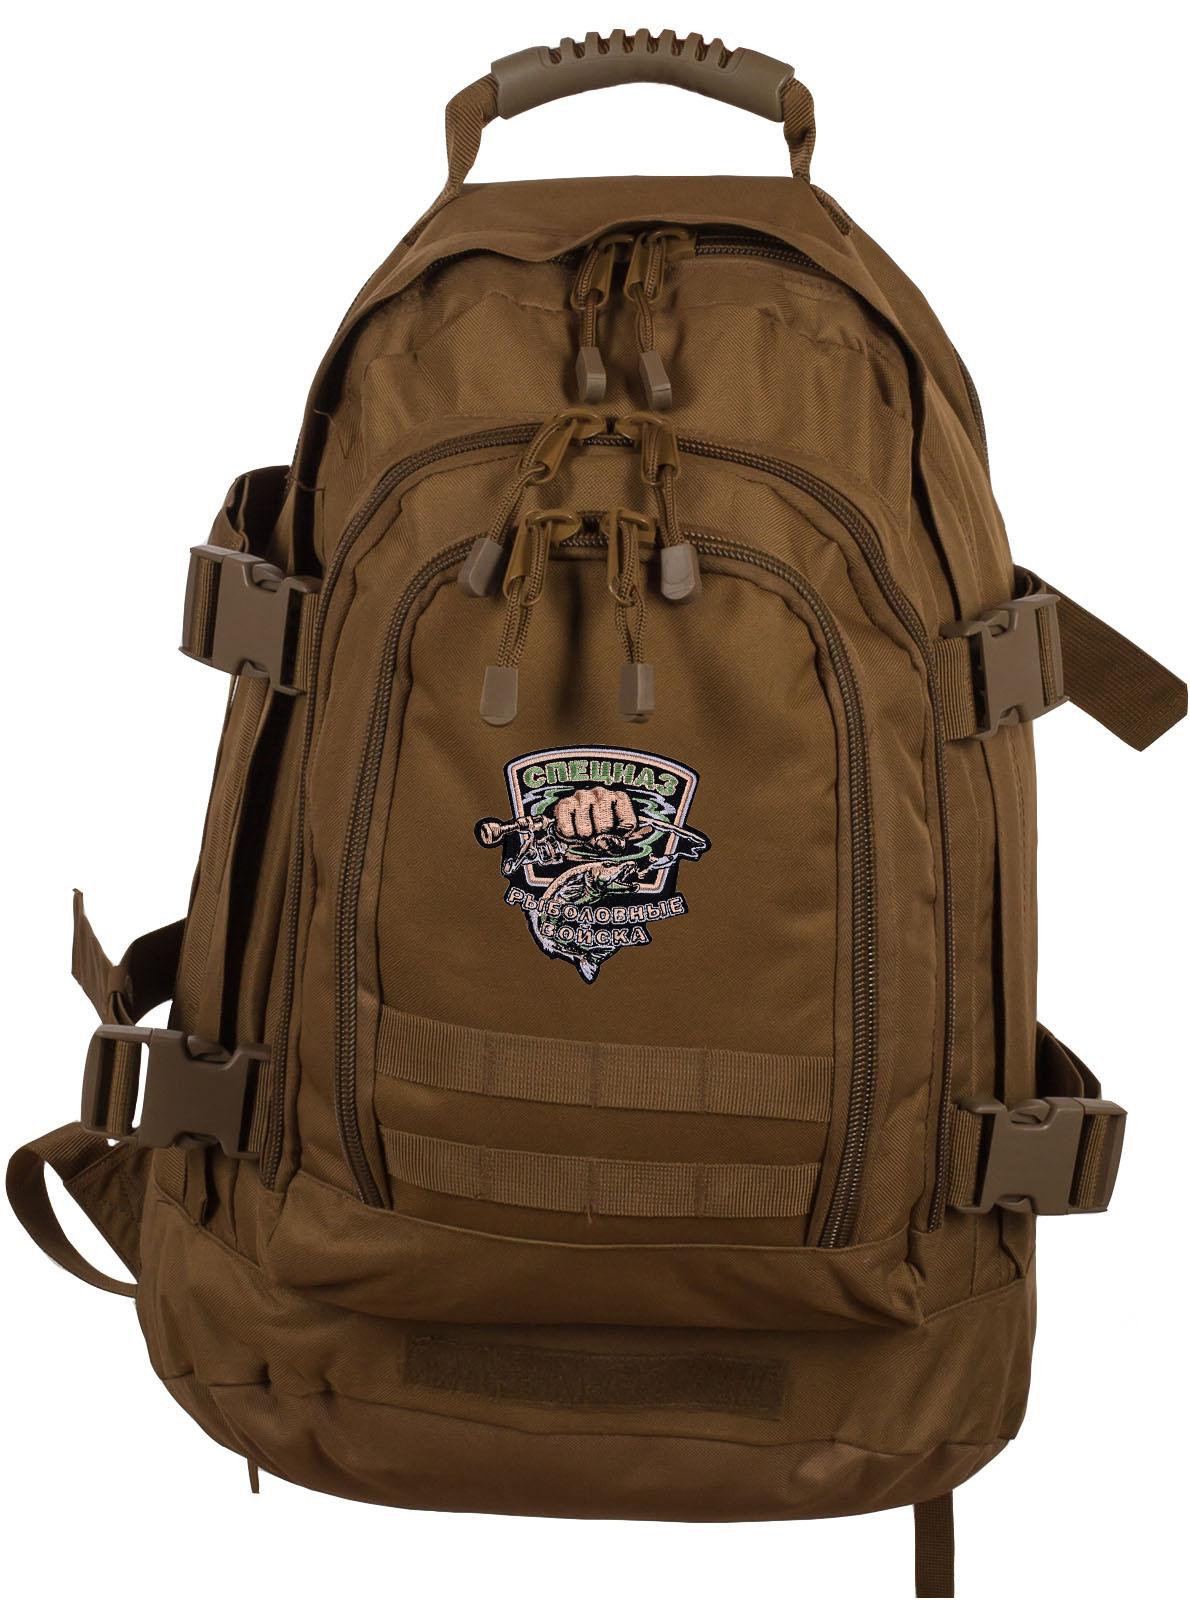 Купить походный штурмовой рюкзак с нашивкой Рыболовный Спецназ с доставкой в ваш город